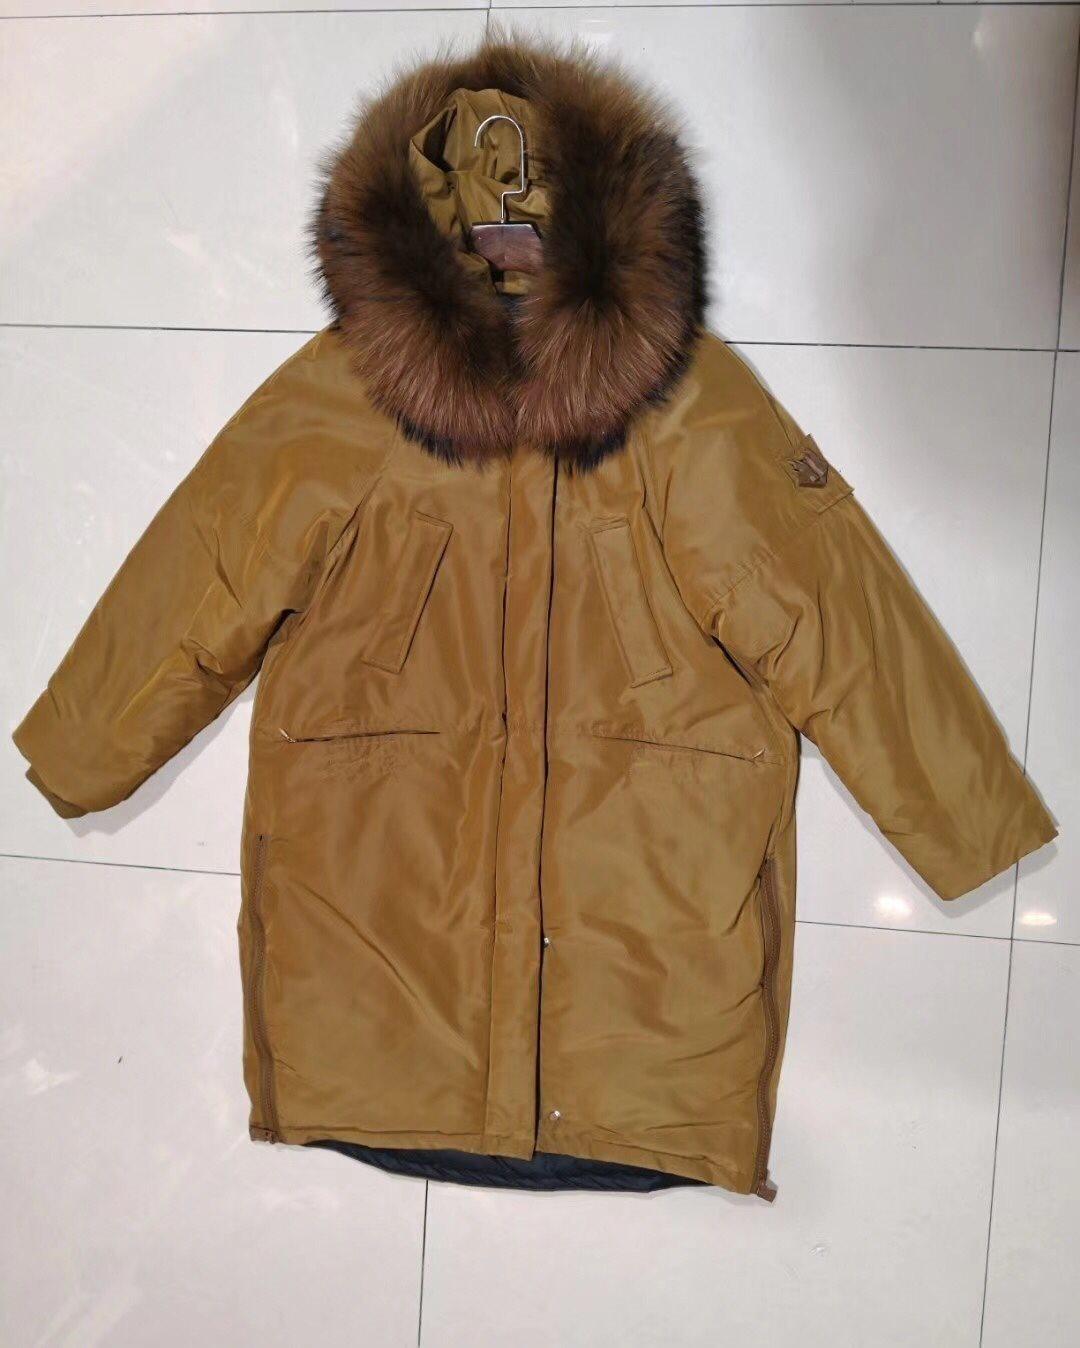 Oanvänd dunjacka jacka vinterjacka kappa med äkta päls pälskrage. Storlek S 28f414a3cac54